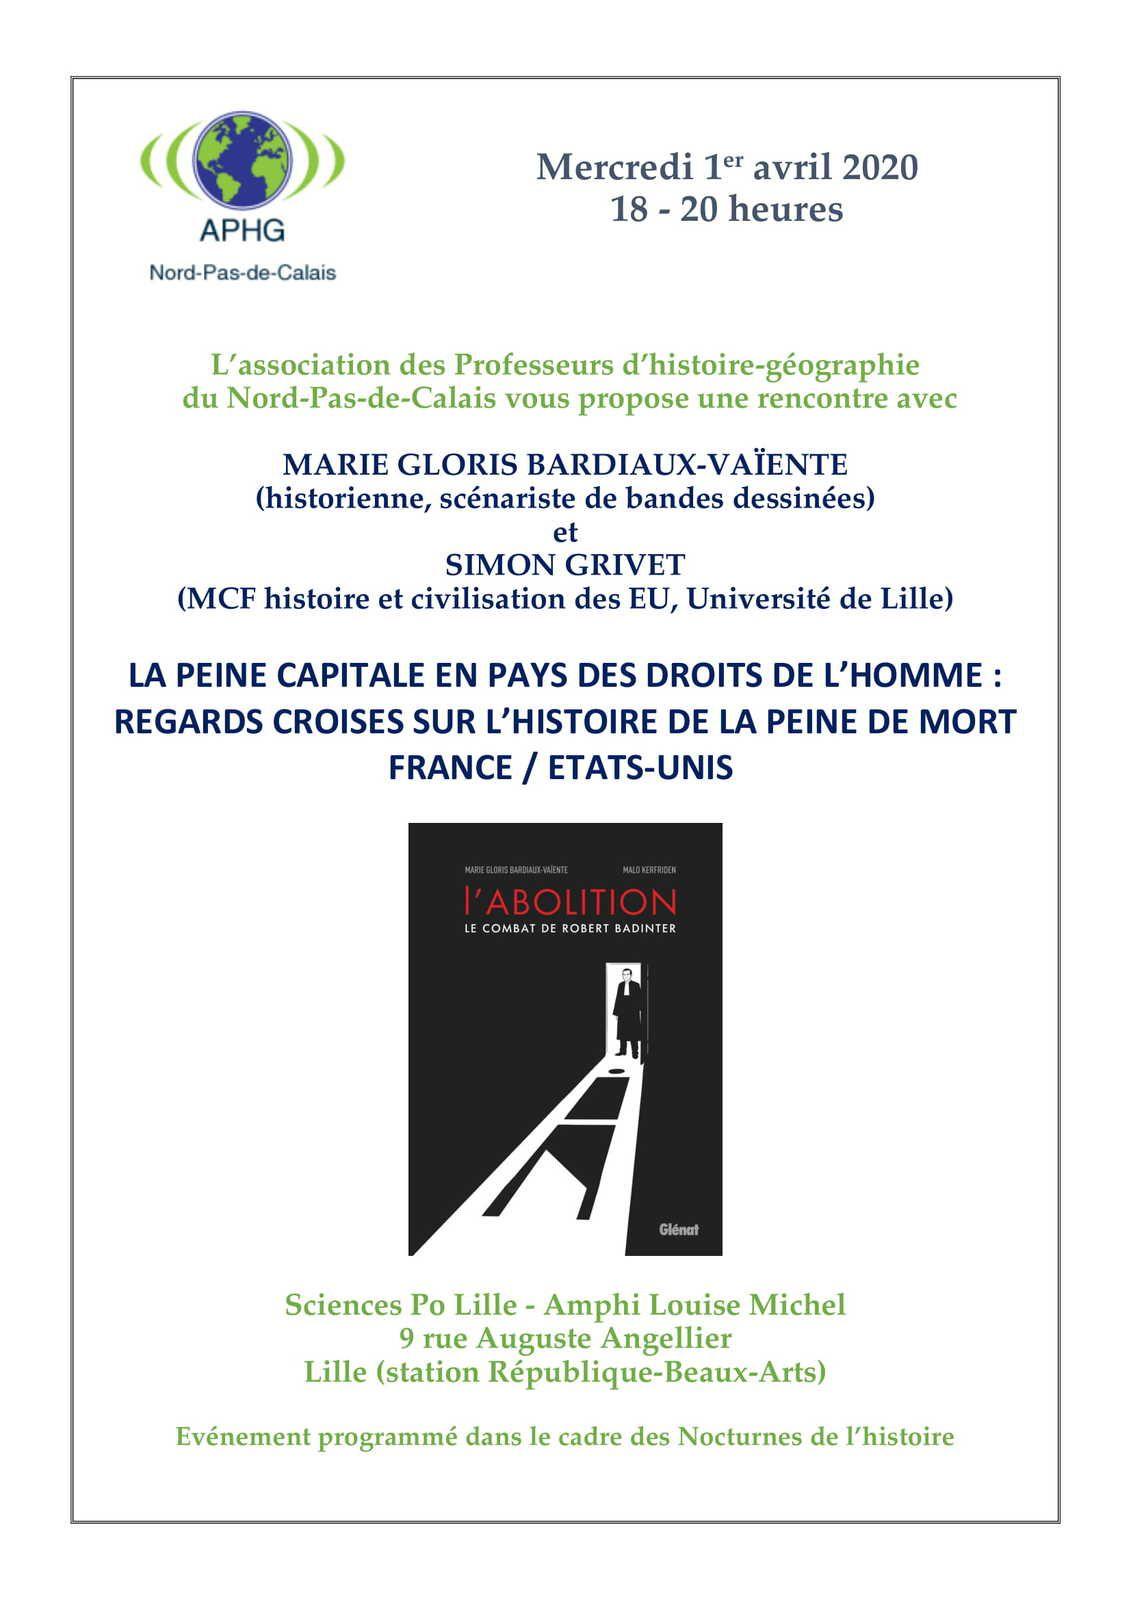 """Nocturnes de l'histoire : """"Regards croisés sur l'histoire de la peine de mort en France et aux Etats-Unis"""" le 1er avril à Sciences Po Lille"""